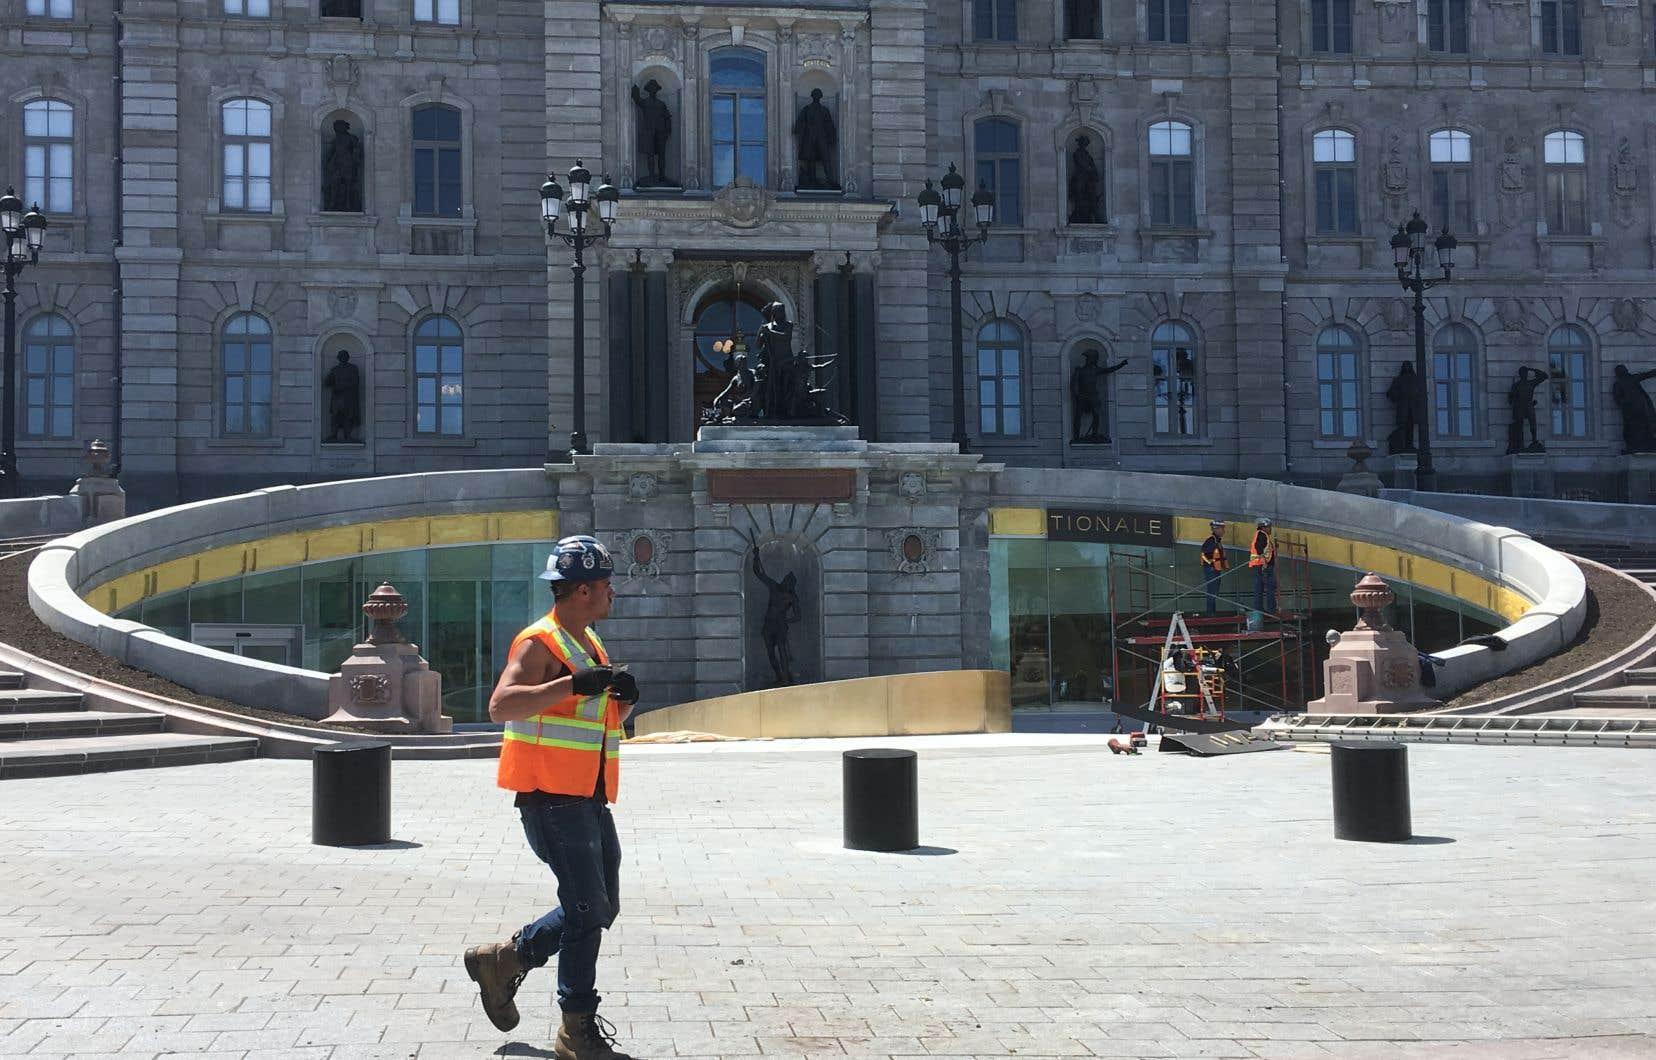 La fontaine dessinée par l'architecte Eugène-Étienne Taché, qui trônait devant l'hôtel du Parlement depuis la fin du XIXe siècle, a été réduite à un simple bassin pour faire place à un mur vitré d'un nouveau pavillon souterrain.